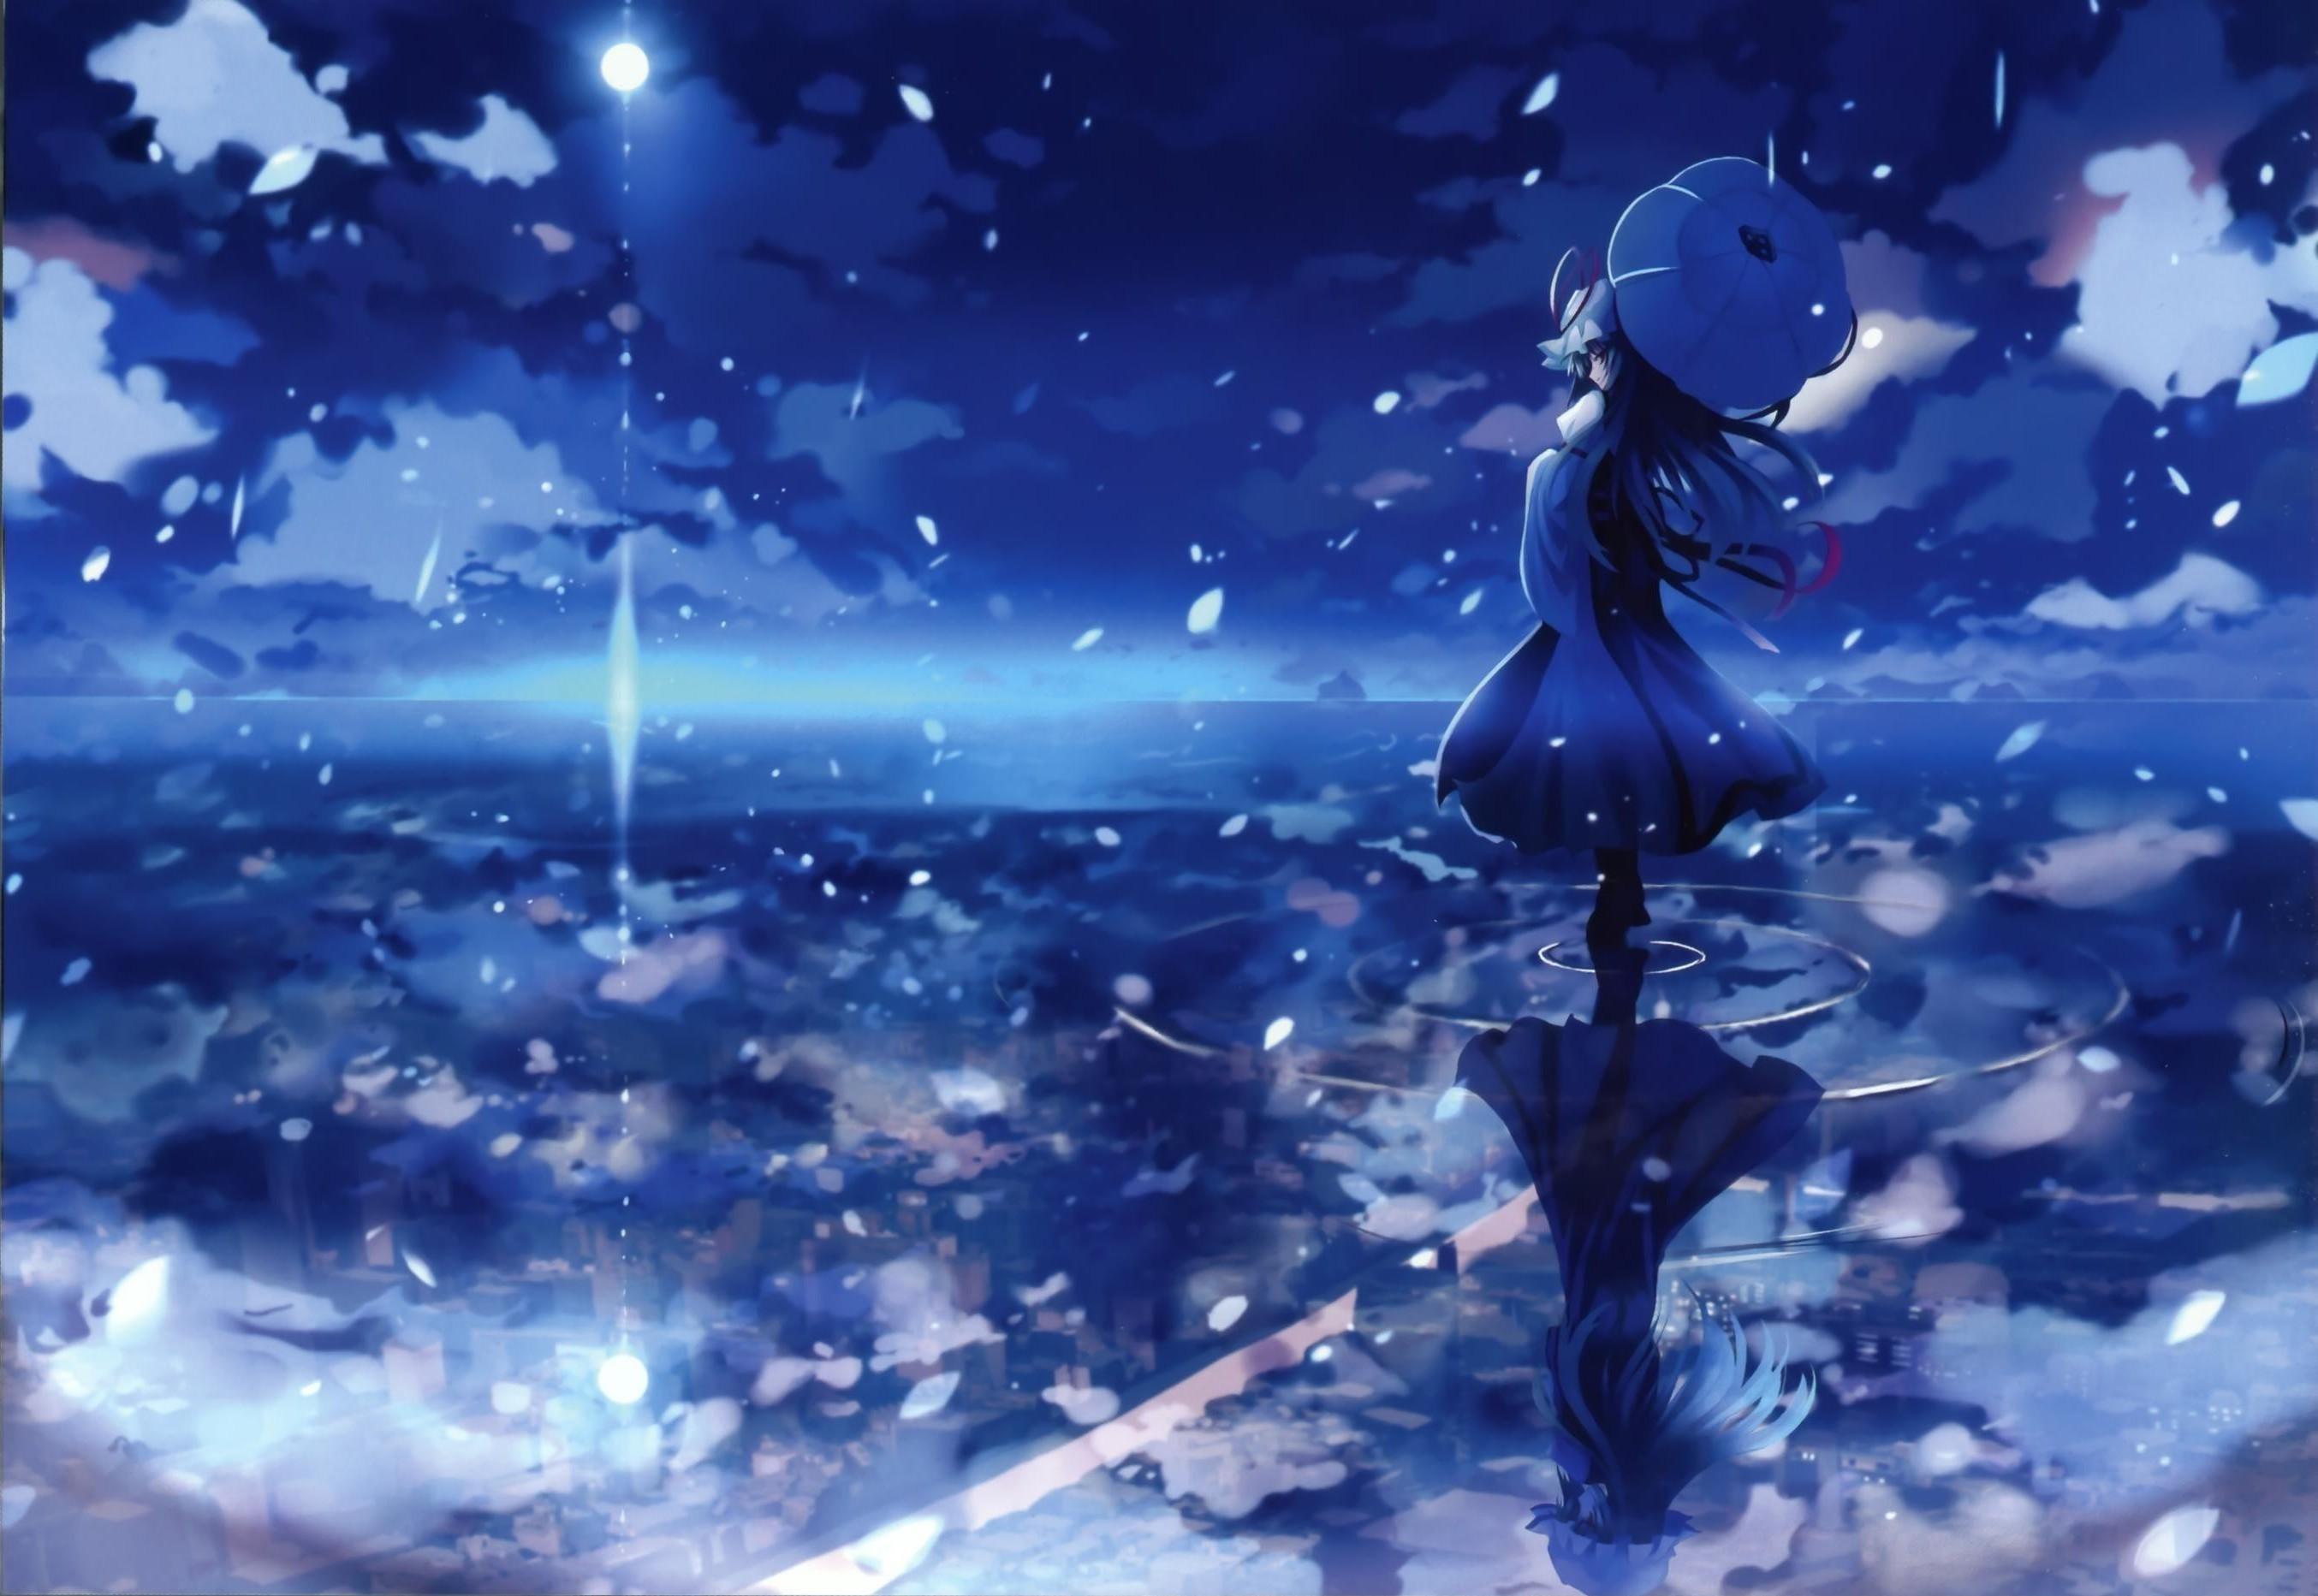 reflections anime girls wallpaper 2708x1865 12479 WallpaperUP 2708x1865